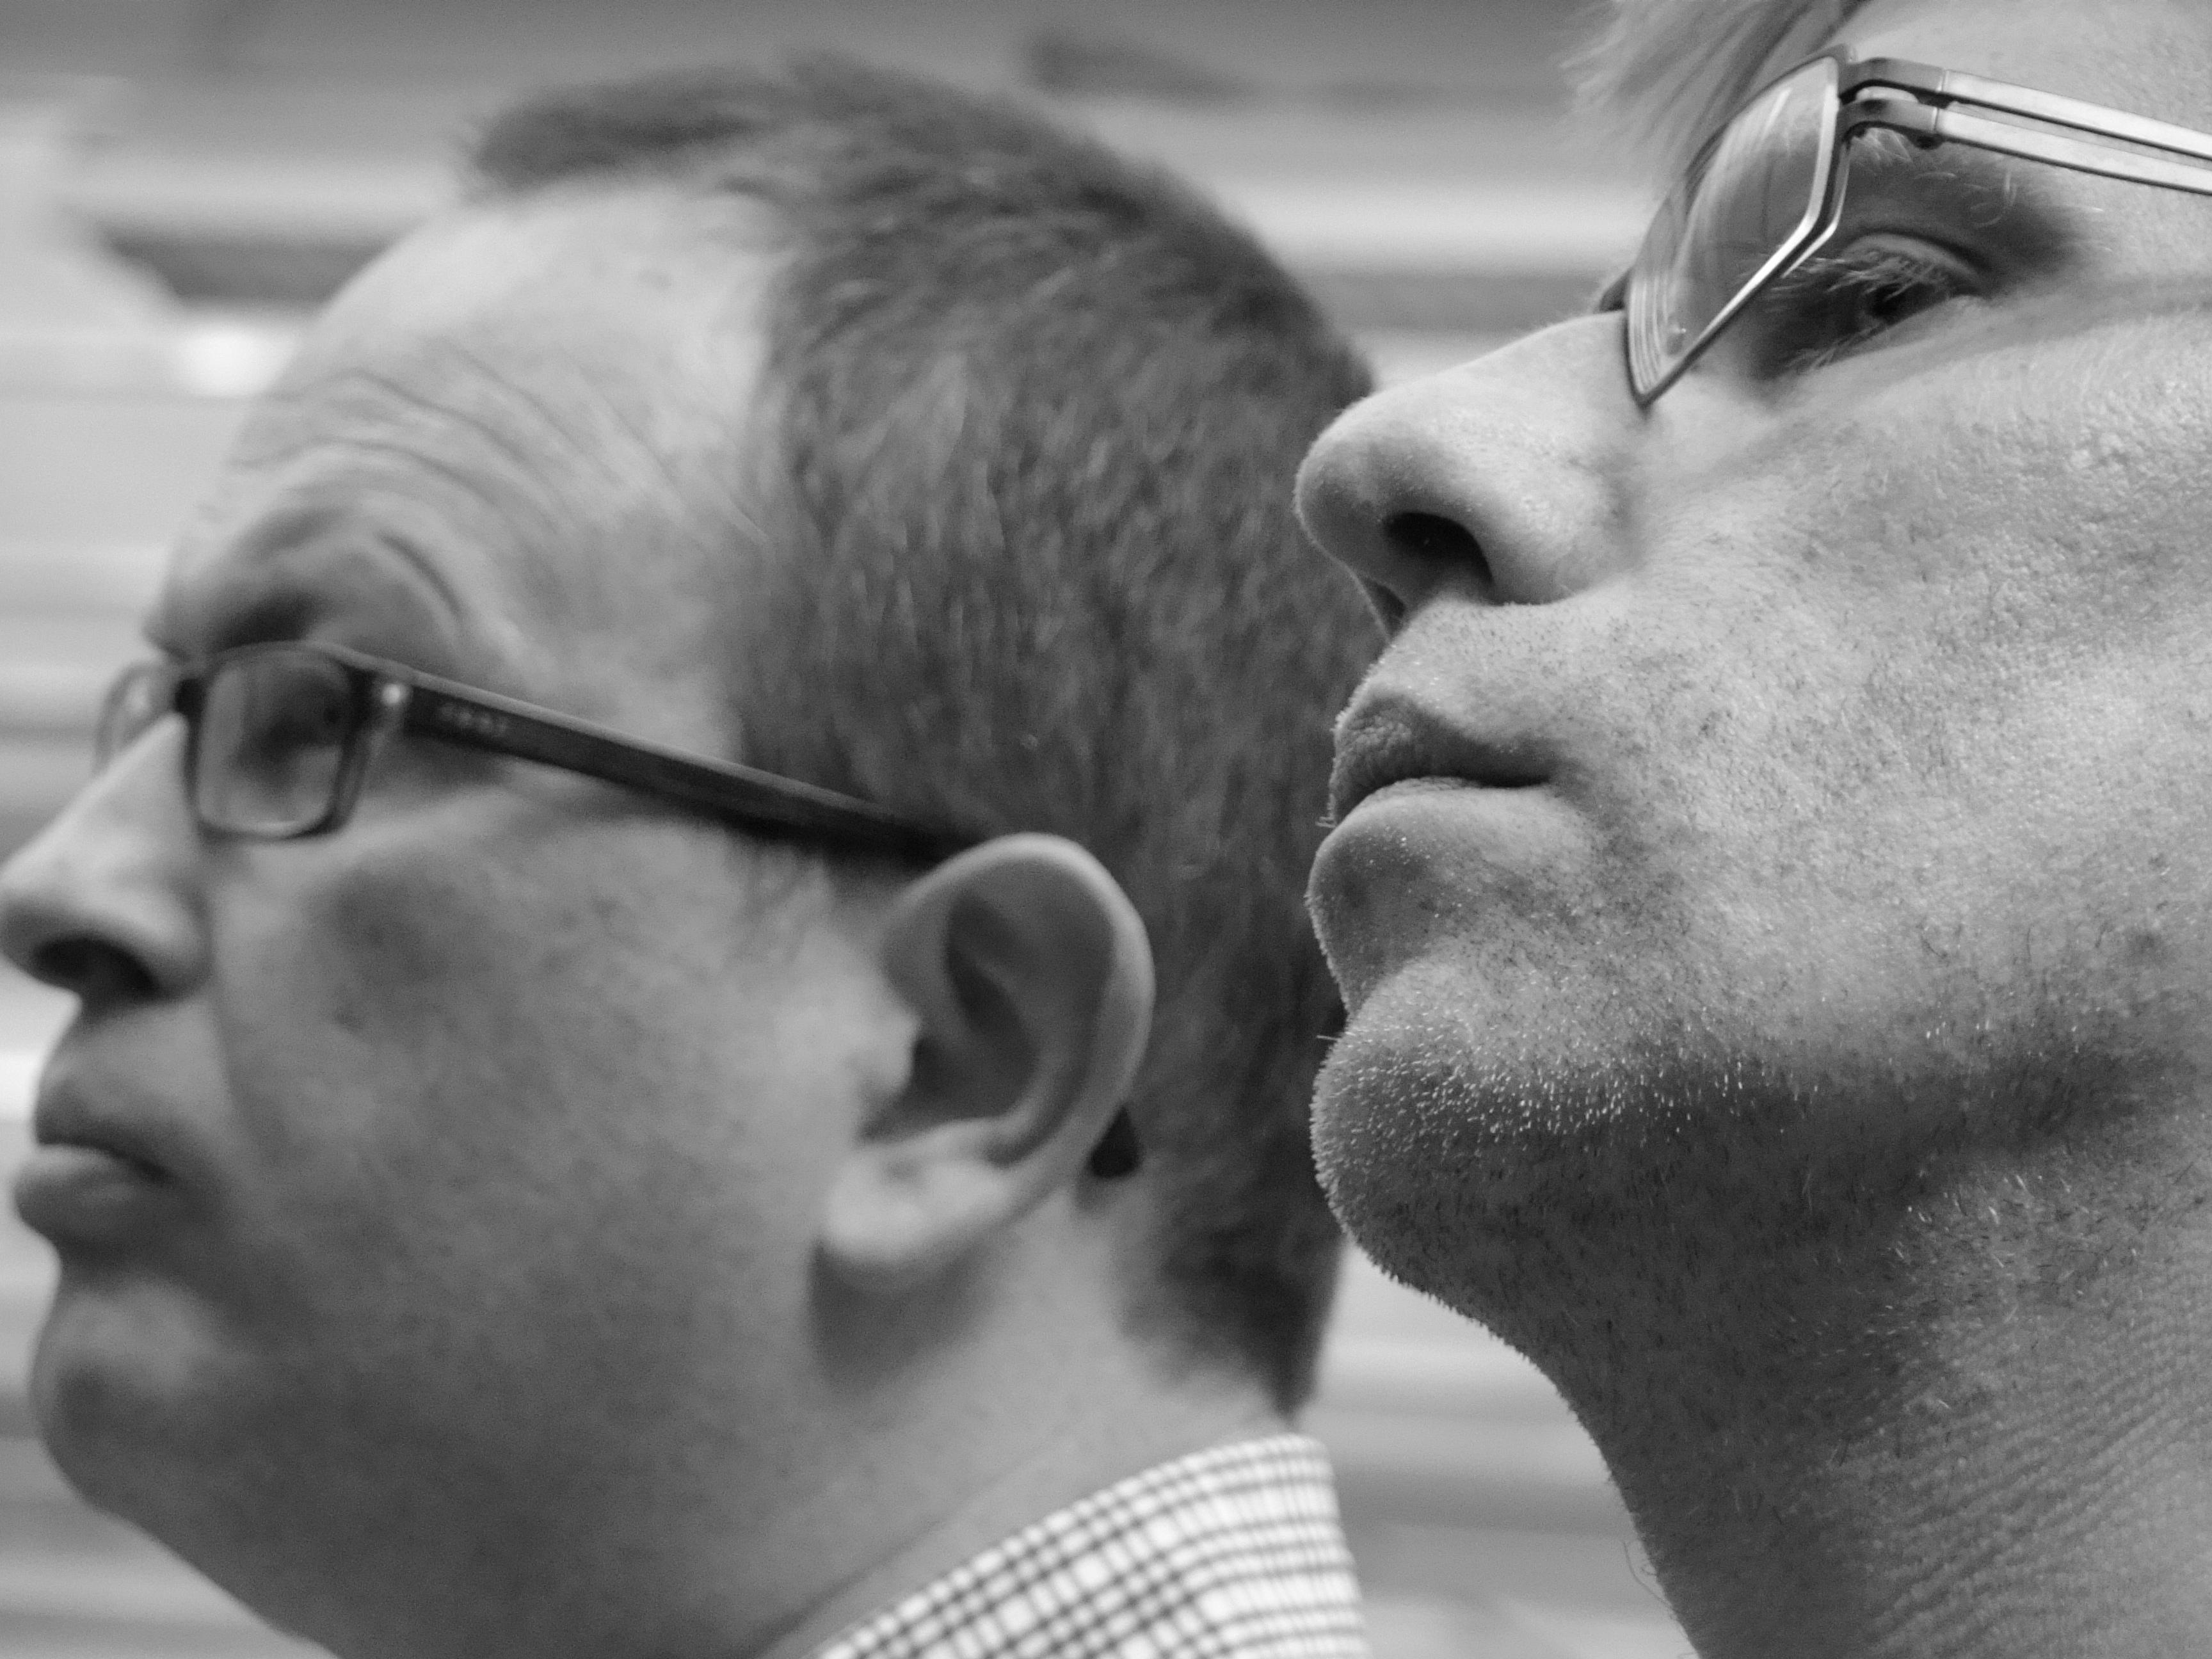 Johan Corthouts (l.) en Filip Rogiers zien met lede ogen aan hoe hun geliefde krant langzaam de nek wordt omgewrongen door een vilein duo.